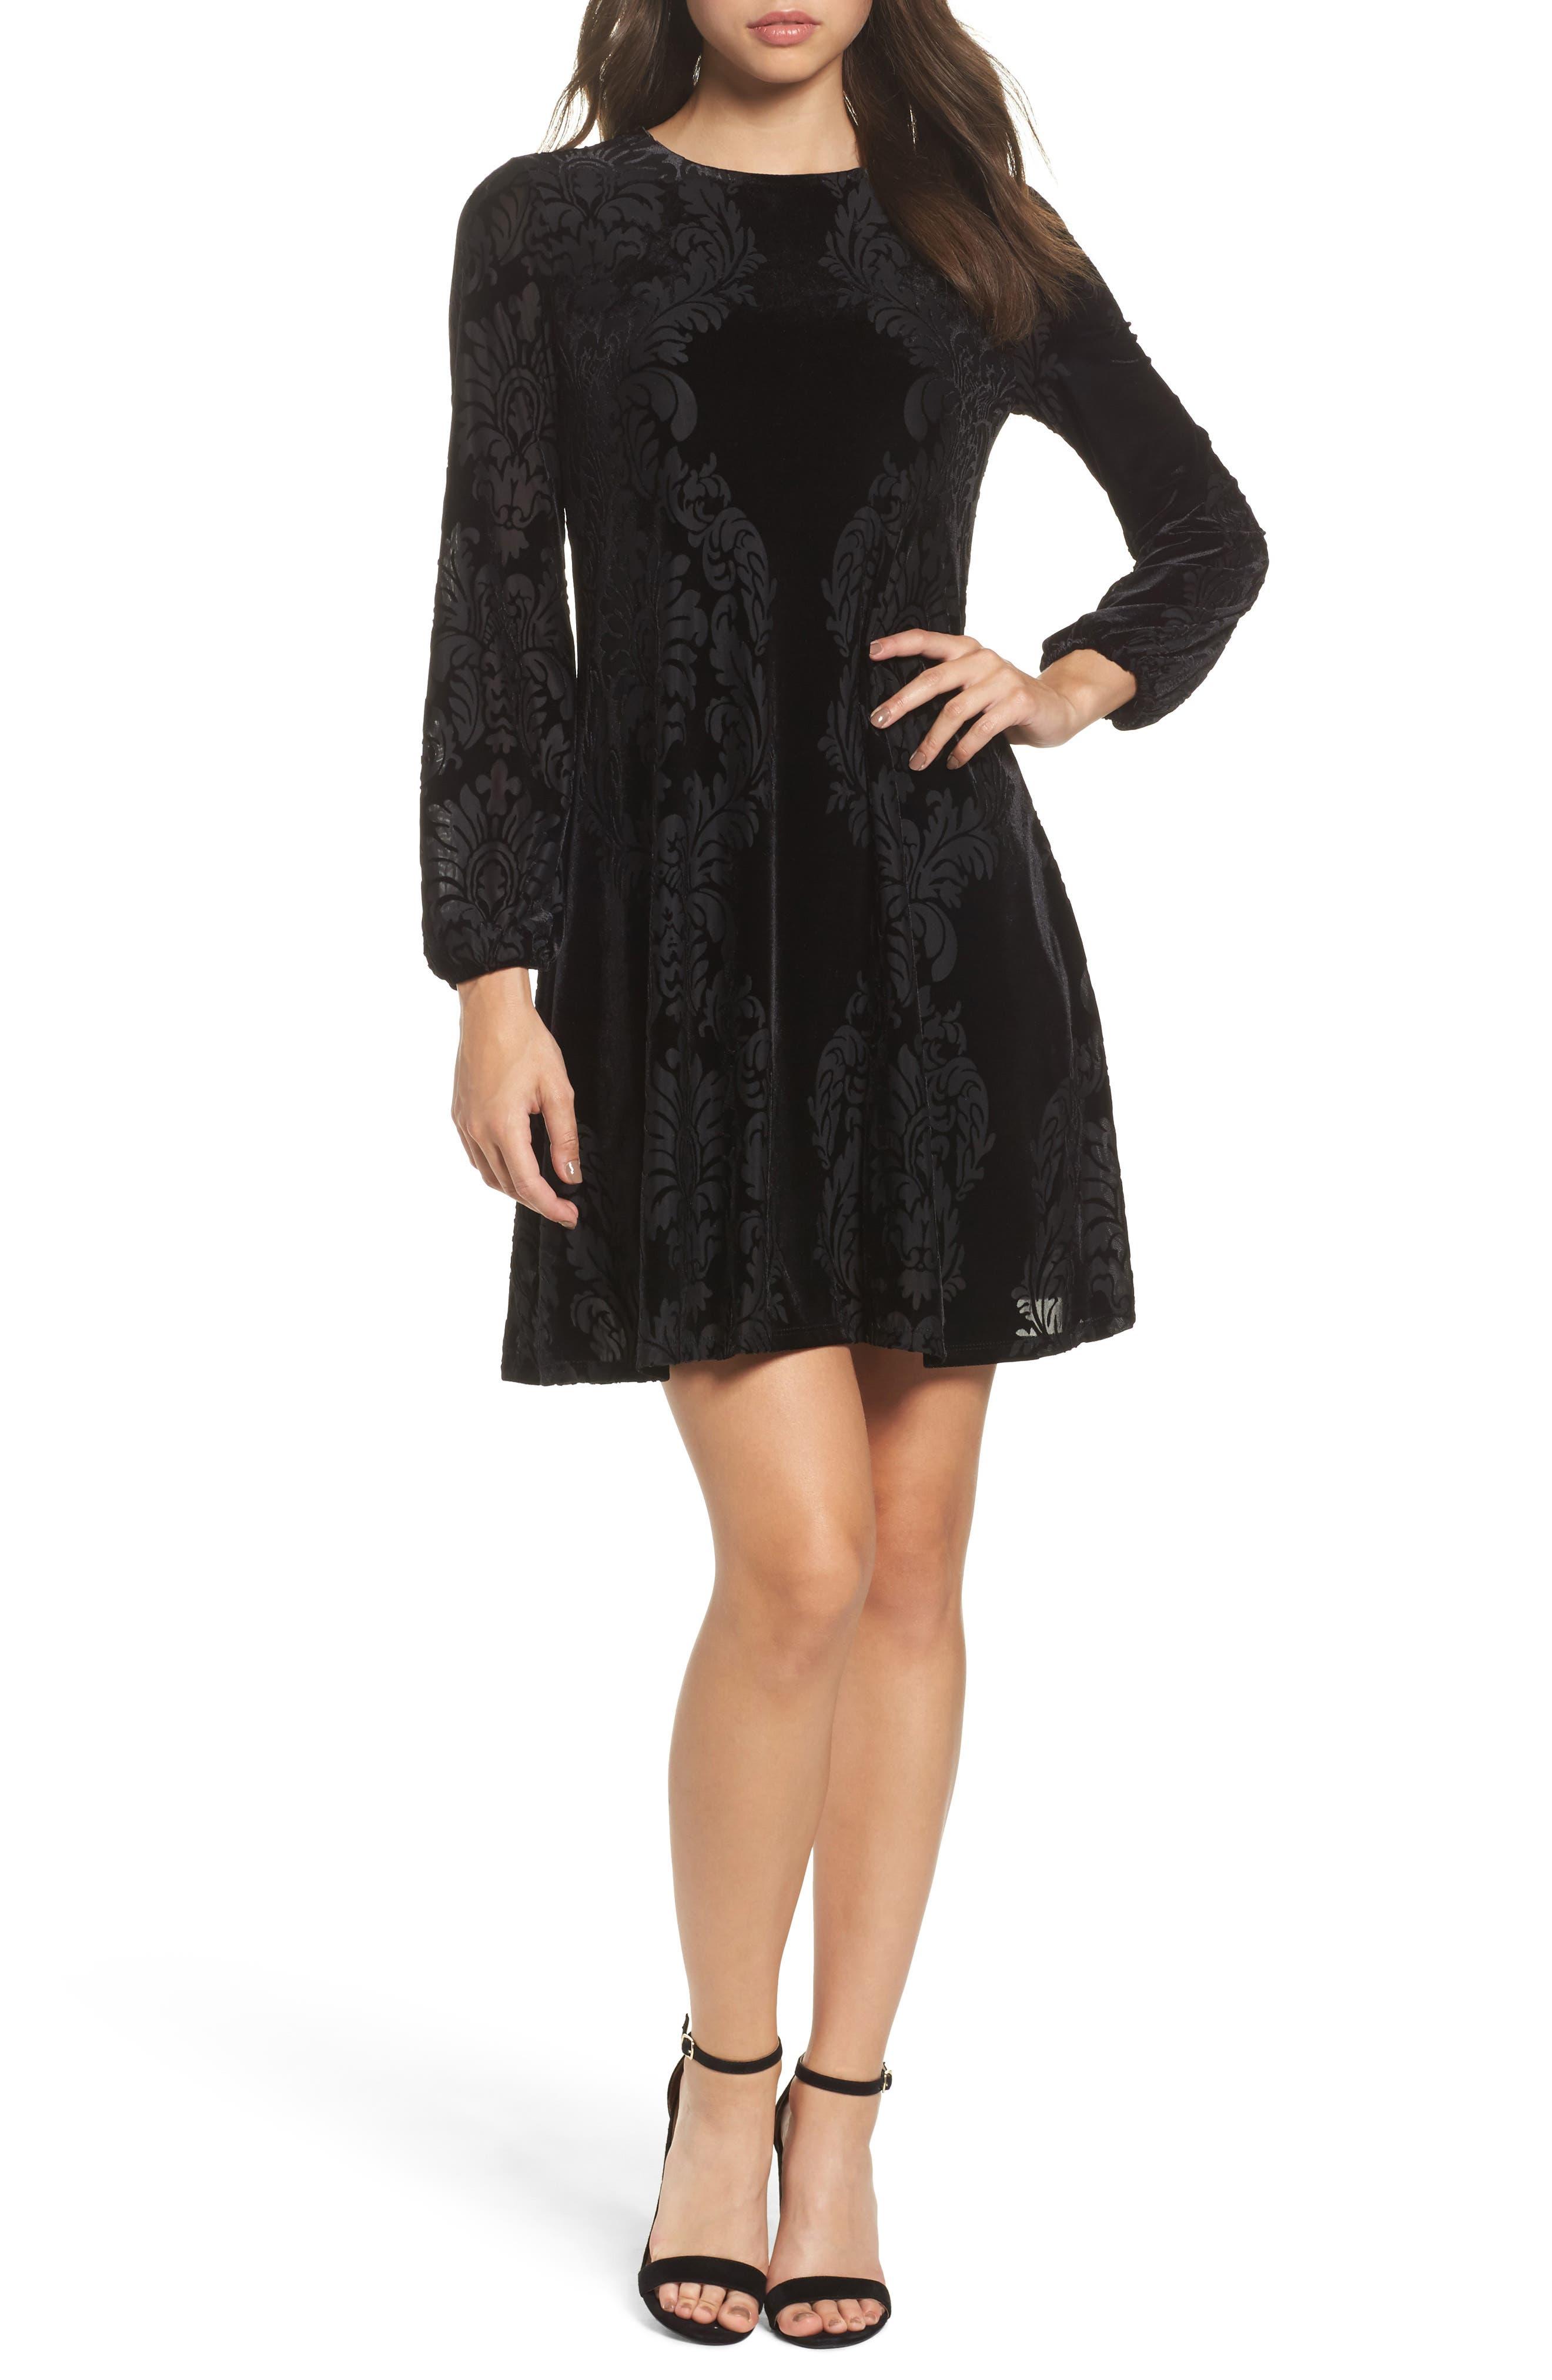 Taylor Dresses Mirror Print Velvet Dress